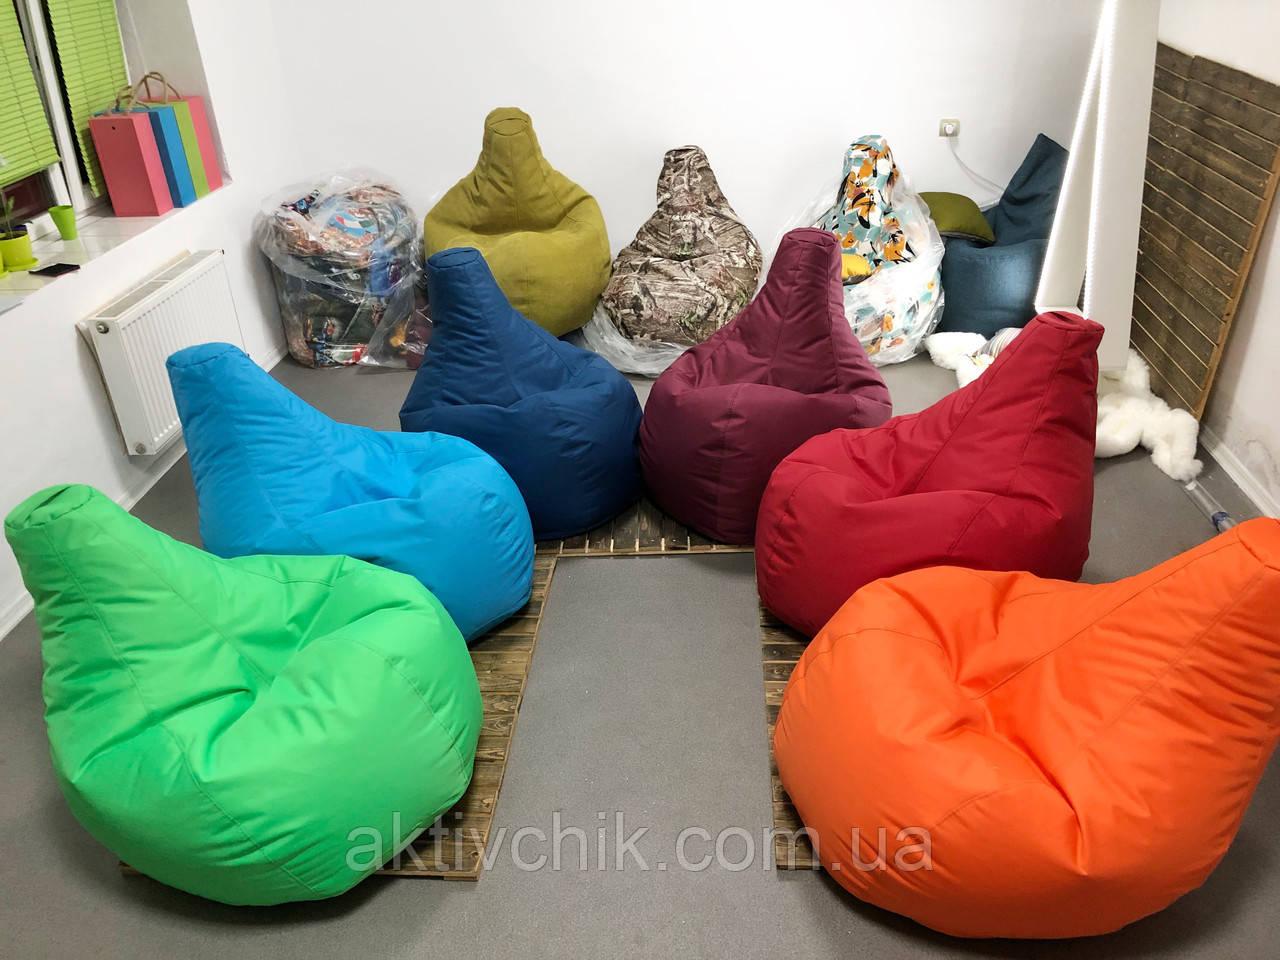 Кресло груша S (90*60см) для детей, Оксфорд, Оранжевый